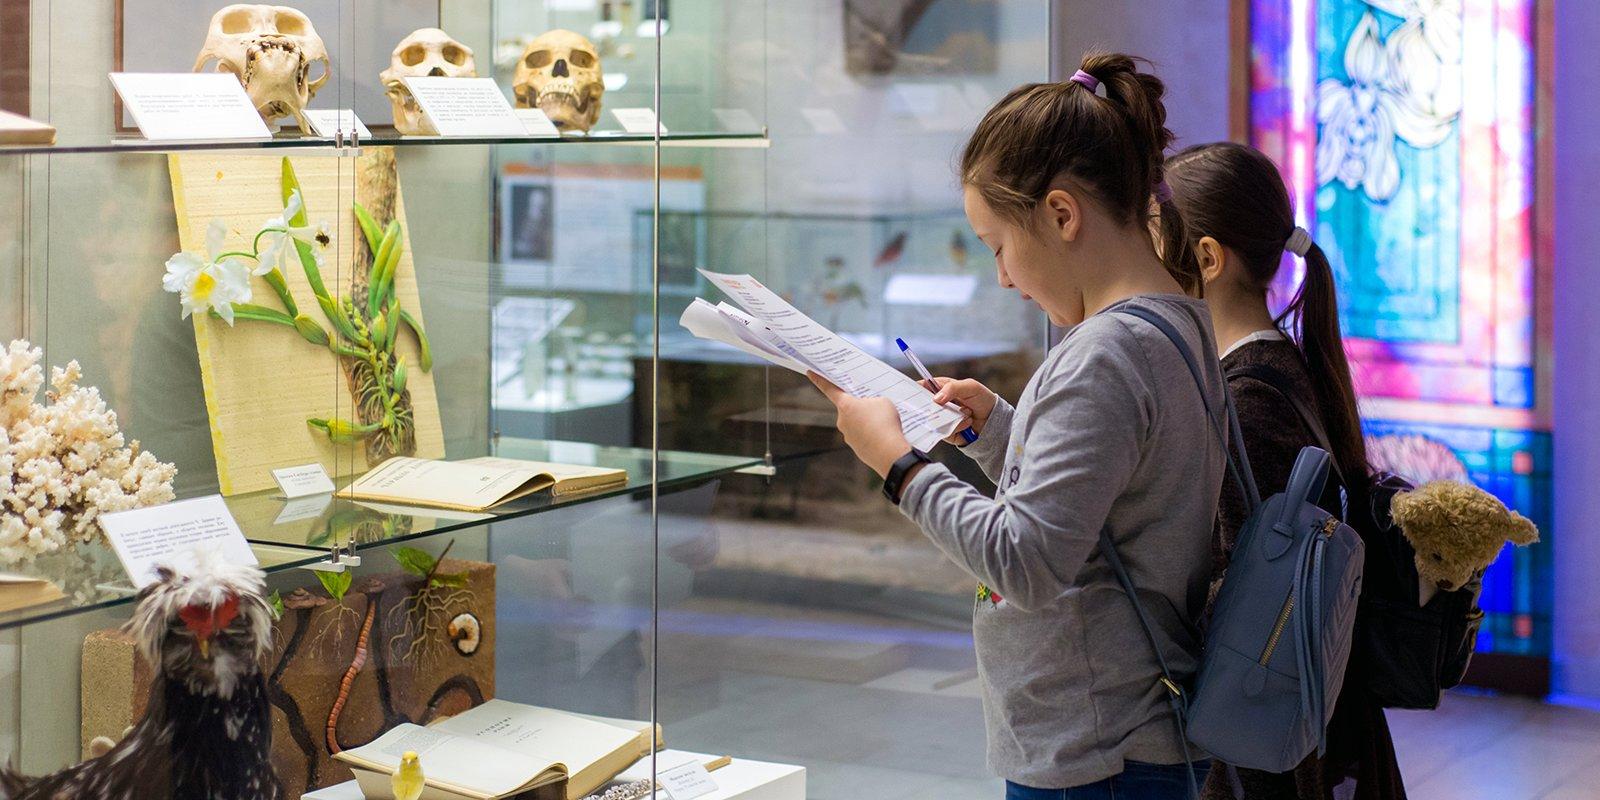 В 2019 году столичные школьники на бесплатной основе посетили музеи 294 757 раз